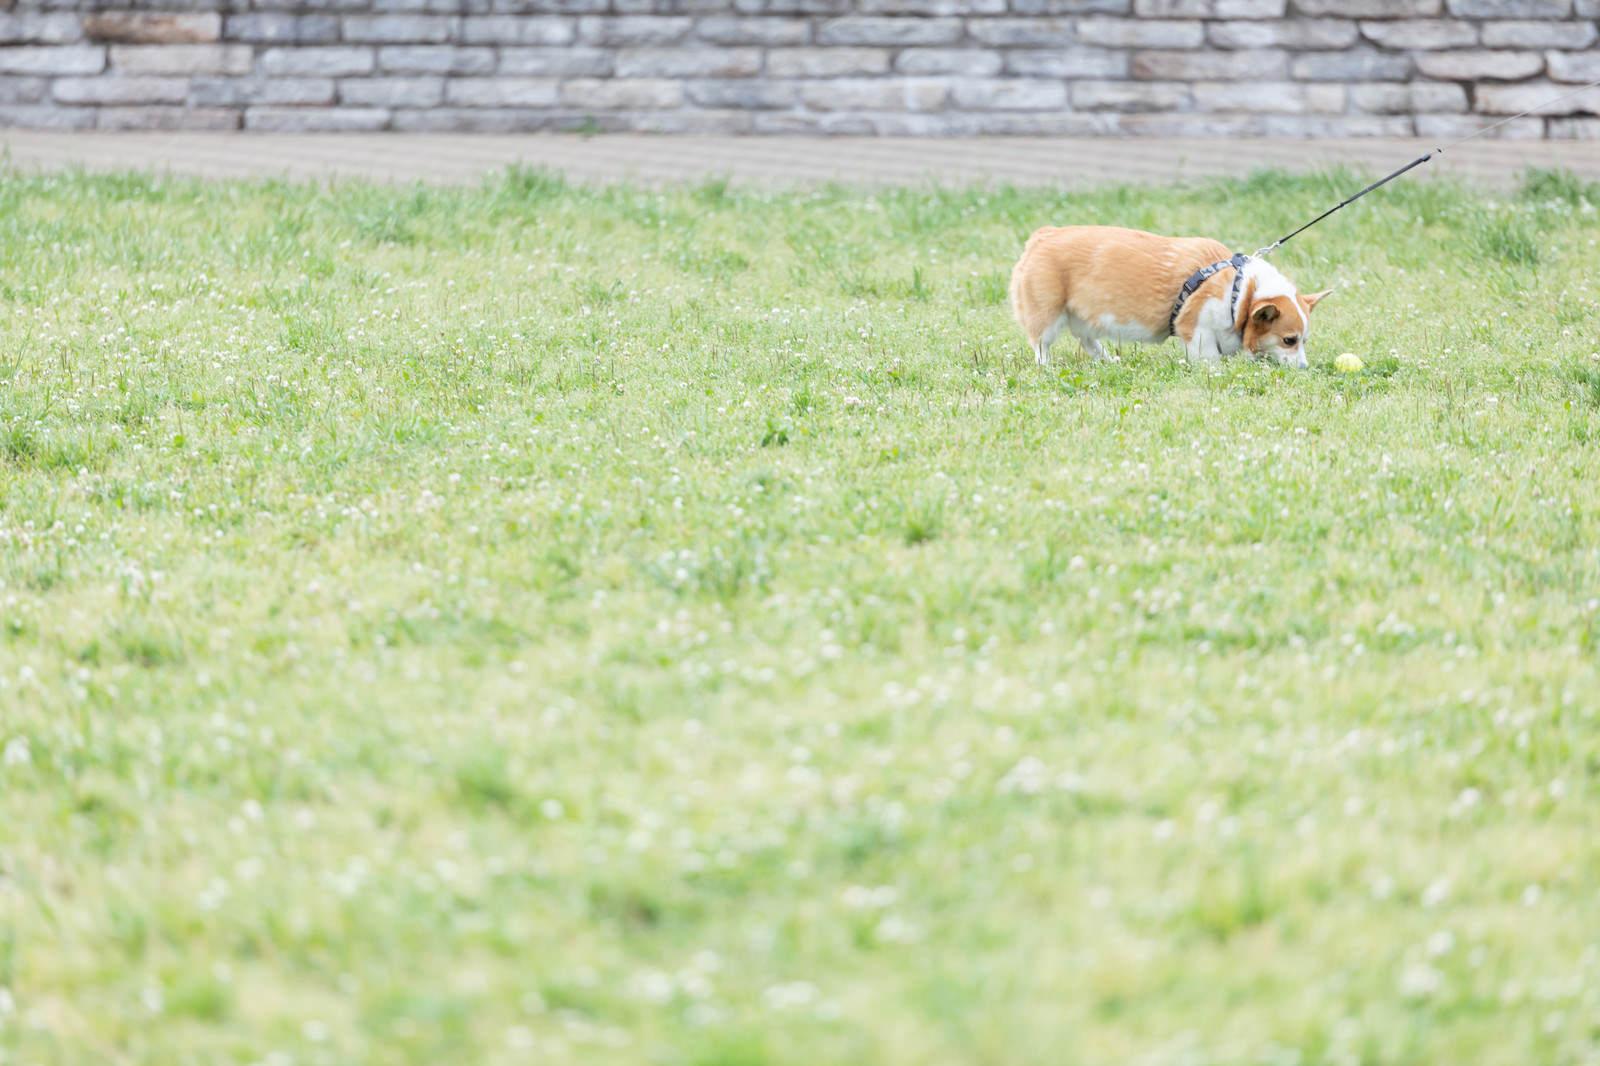 「公園でボール遊びするわんちゃそ」の写真